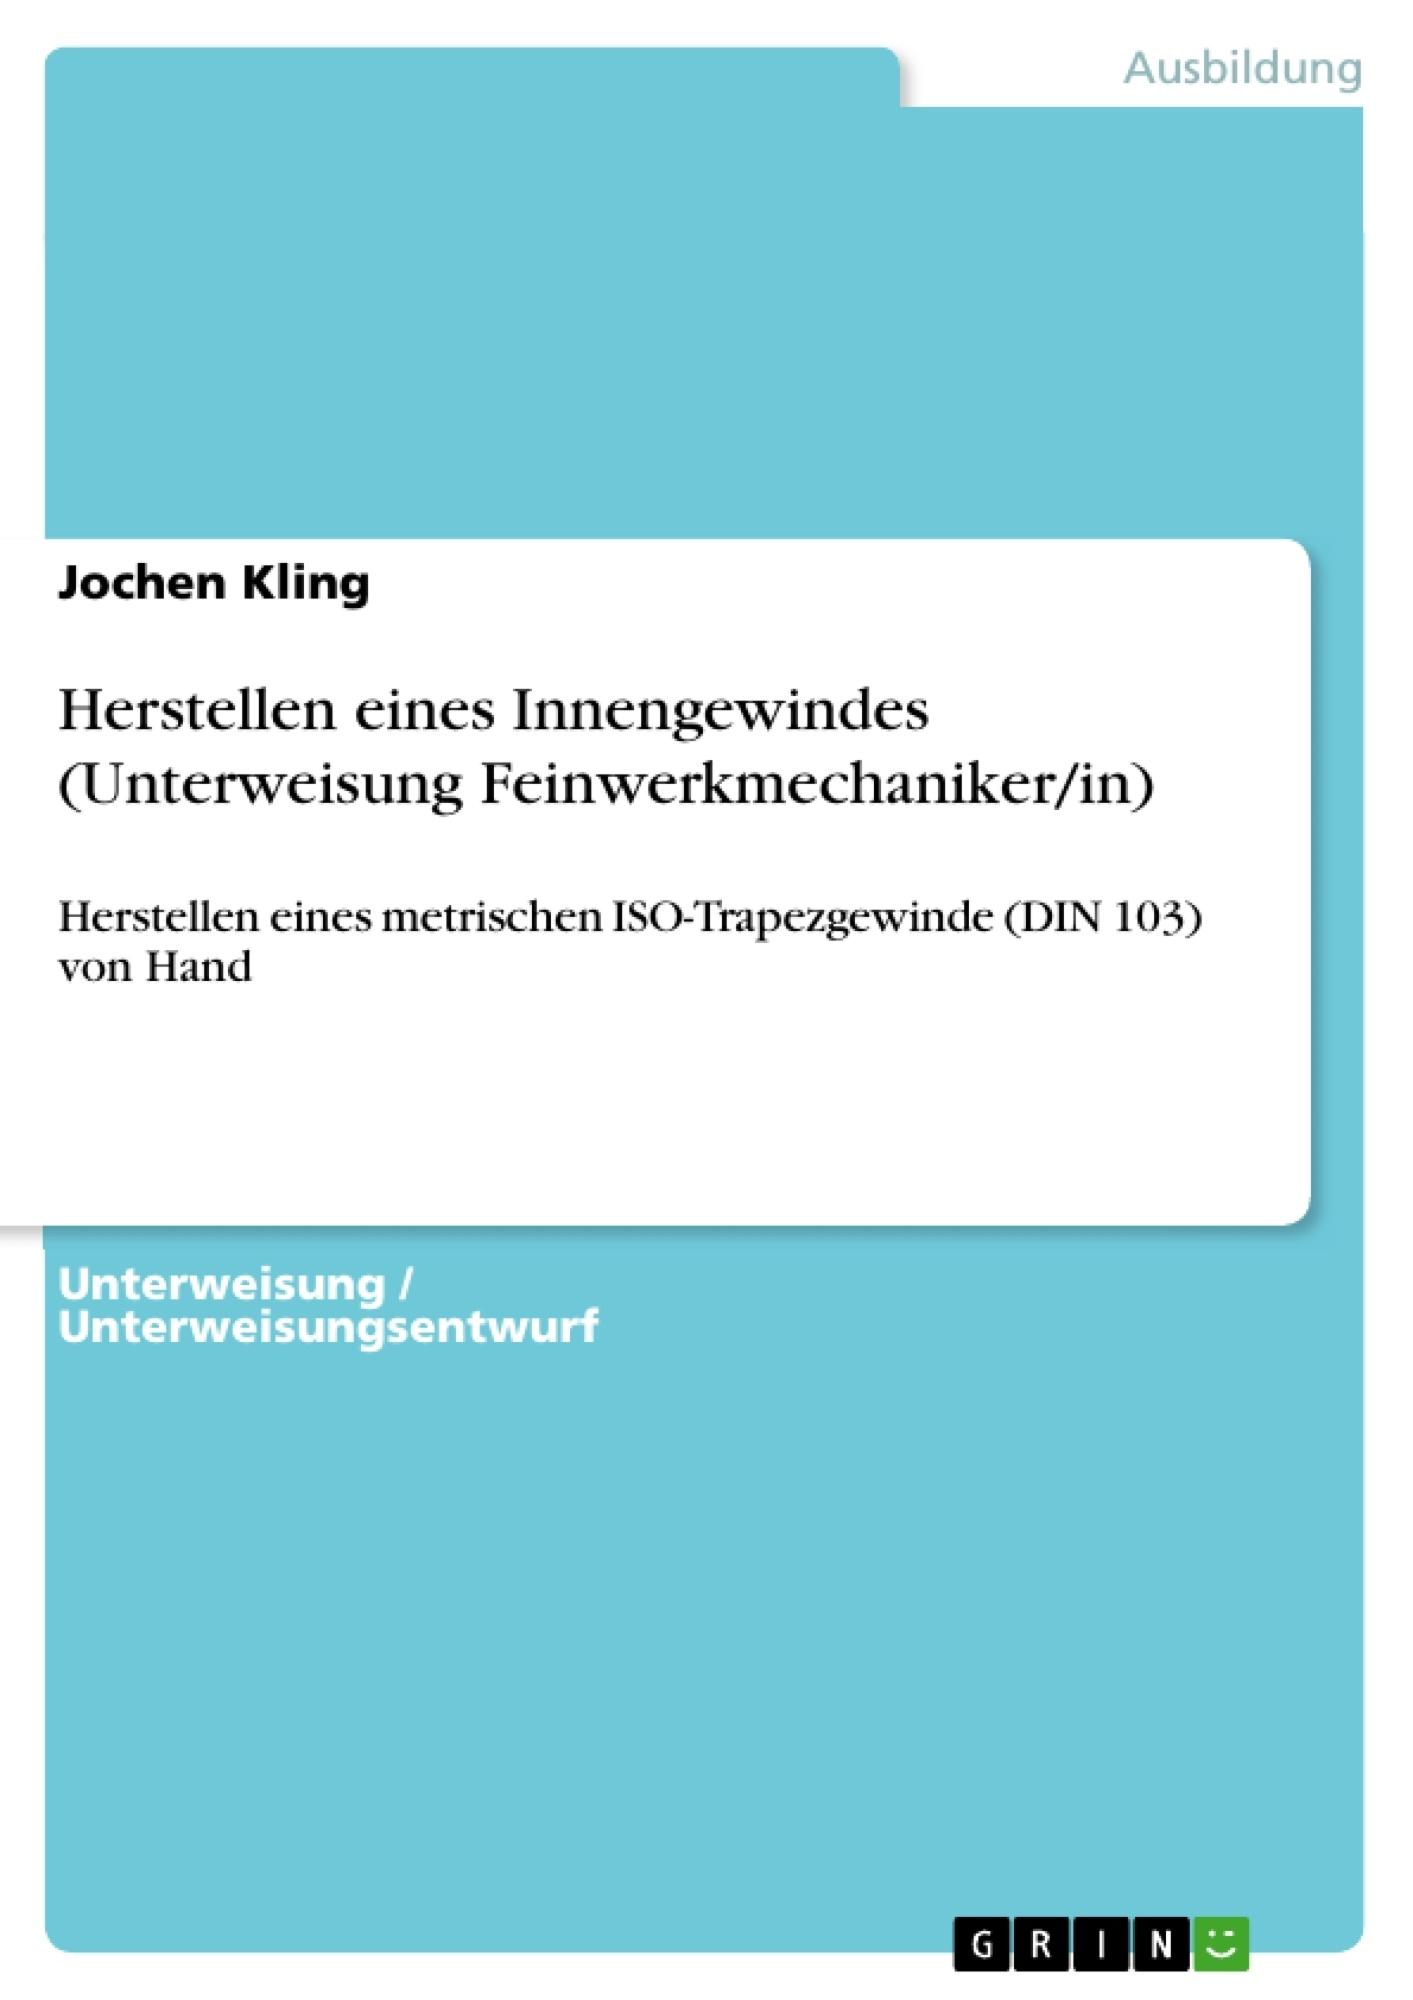 Titel: Herstellen eines Innengewindes (Unterweisung Feinwerkmechaniker/in)